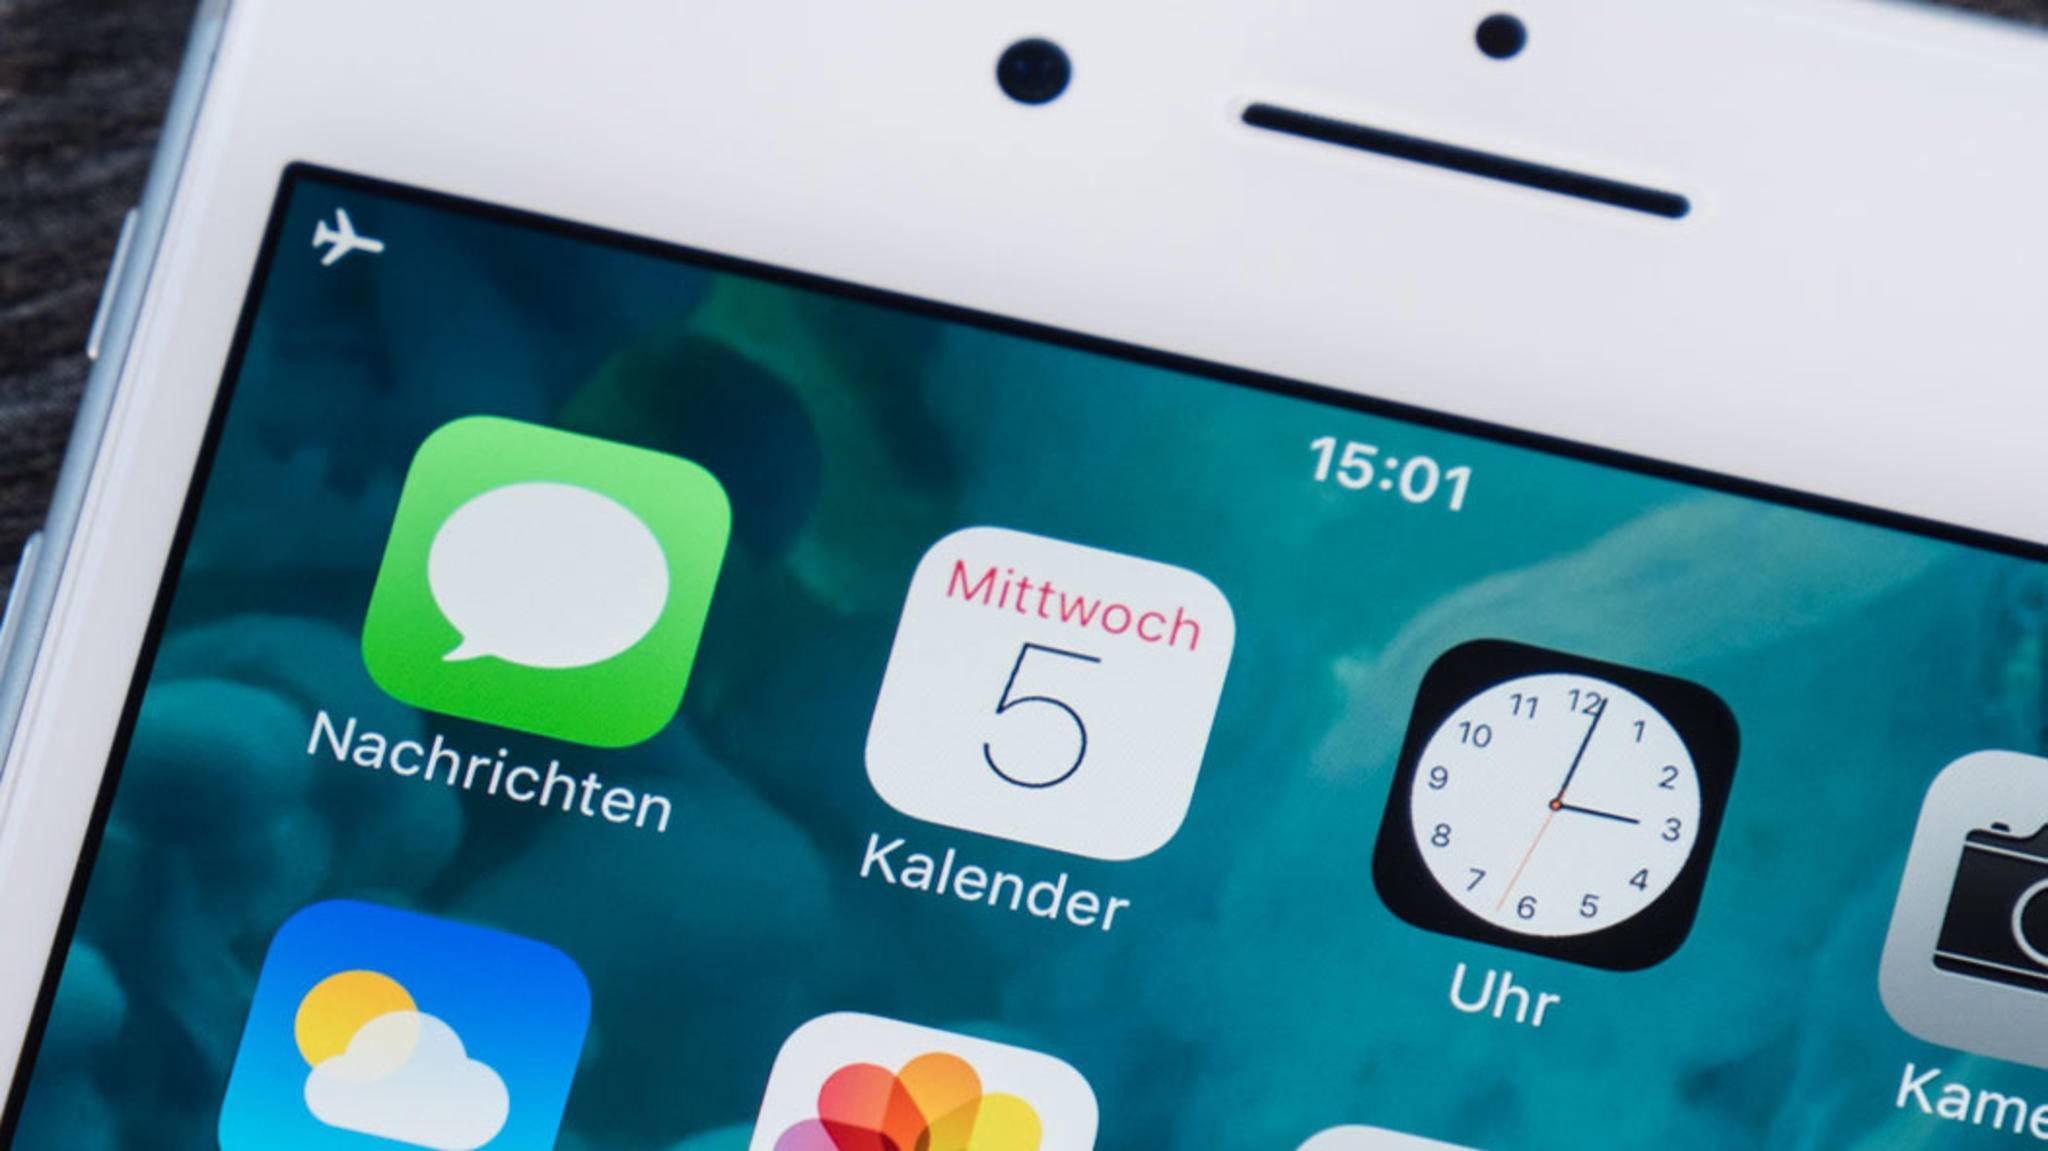 Kalendereinträge lassen sich einfach auf das neue Android-Gerät übertragen.